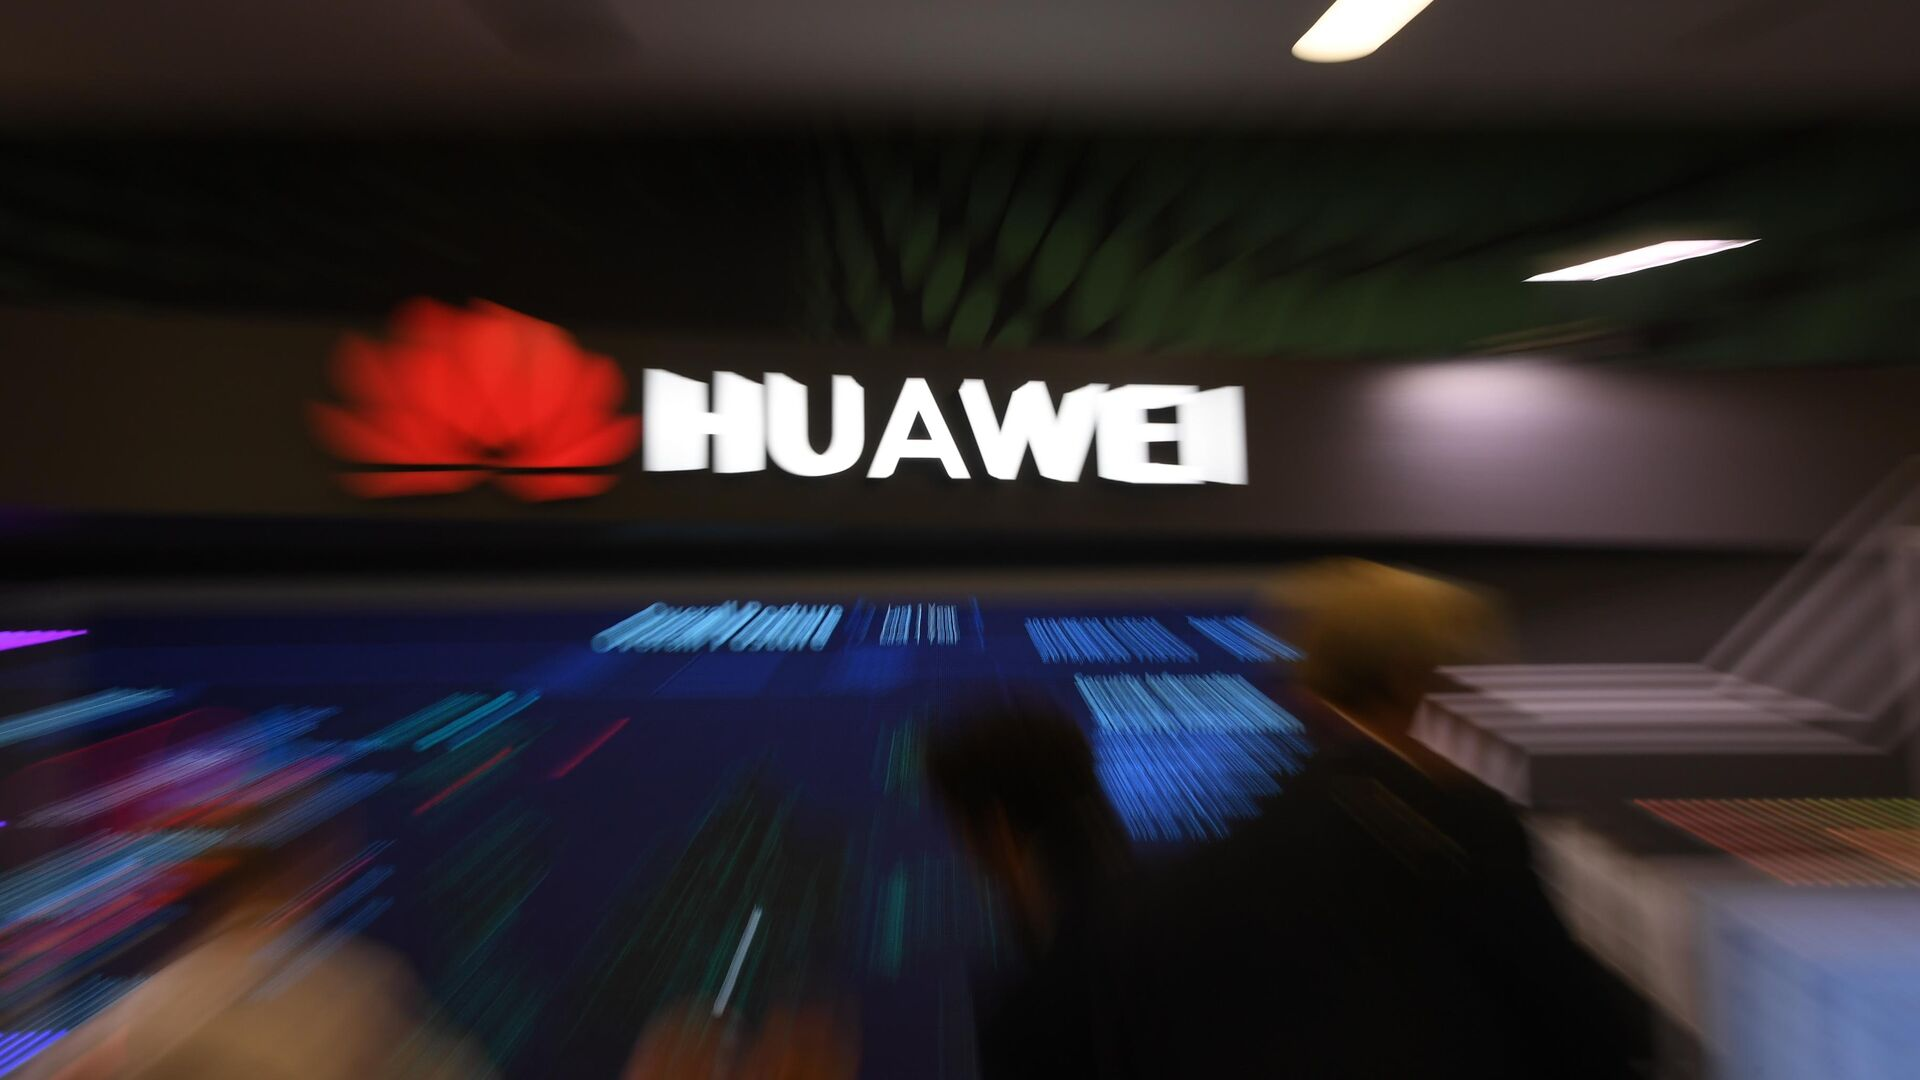 1555730835 19:0:3658:2047 1920x0 80 0 0 3a3ba70da0771c21a72d23c15b98a4a8 - СМИ: японские фирмы просят у США одобрить продажи компонентов Huawei